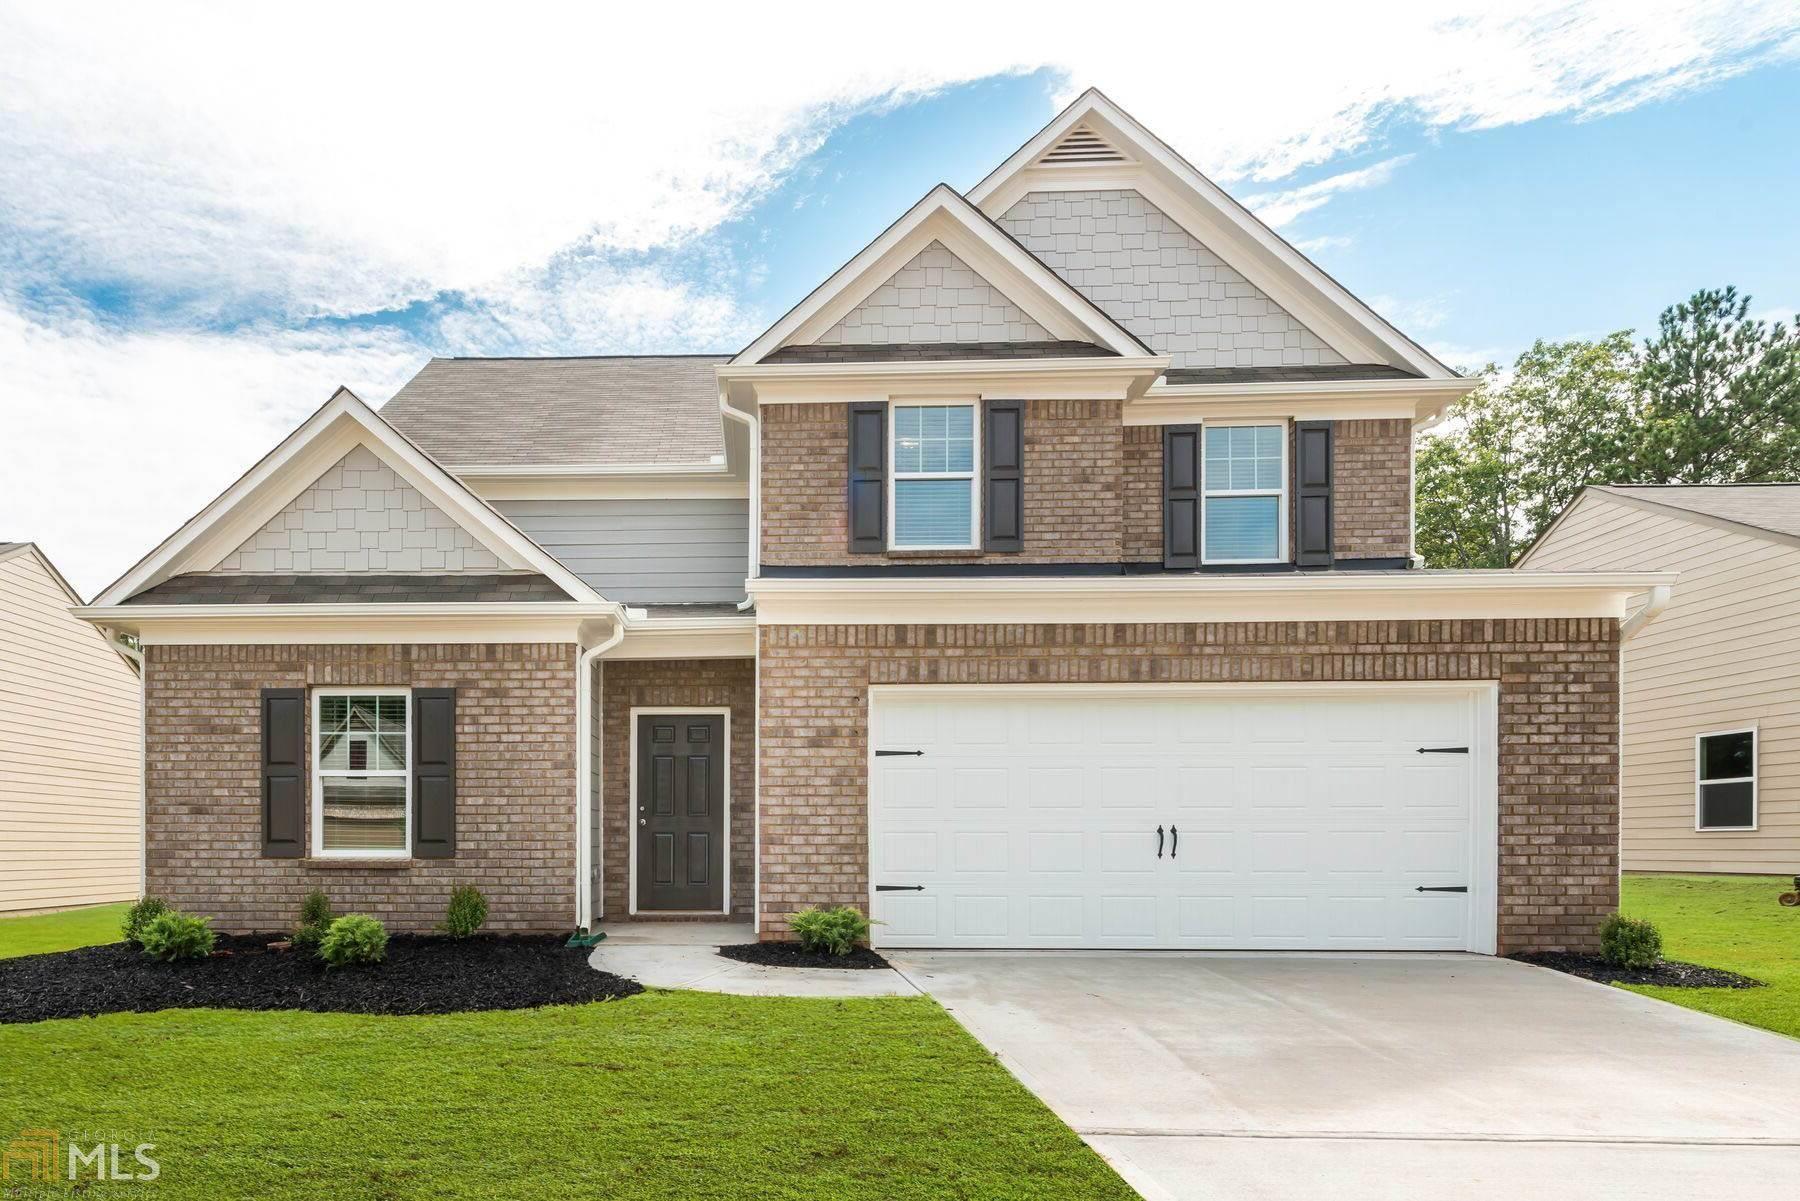 104 Fallbrook Cir, Cartersville, GA 30120 - MLS#: 8878531